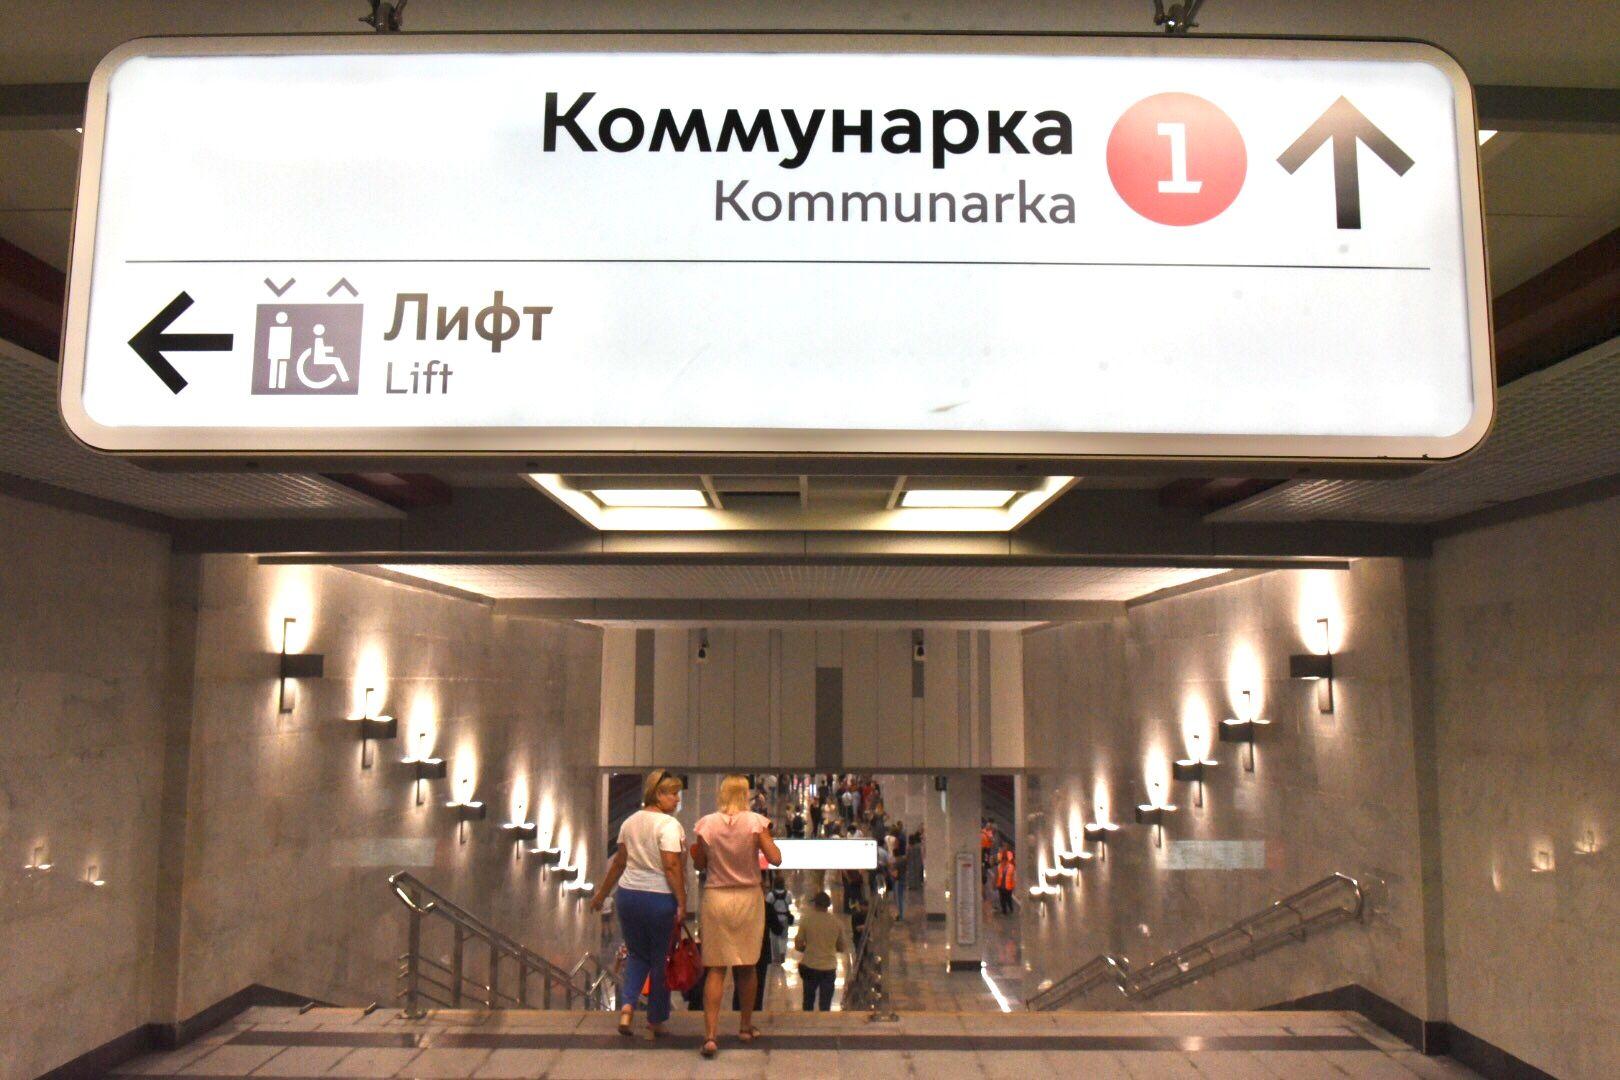 Картами москвича вновь разрешили пользоваться в метро